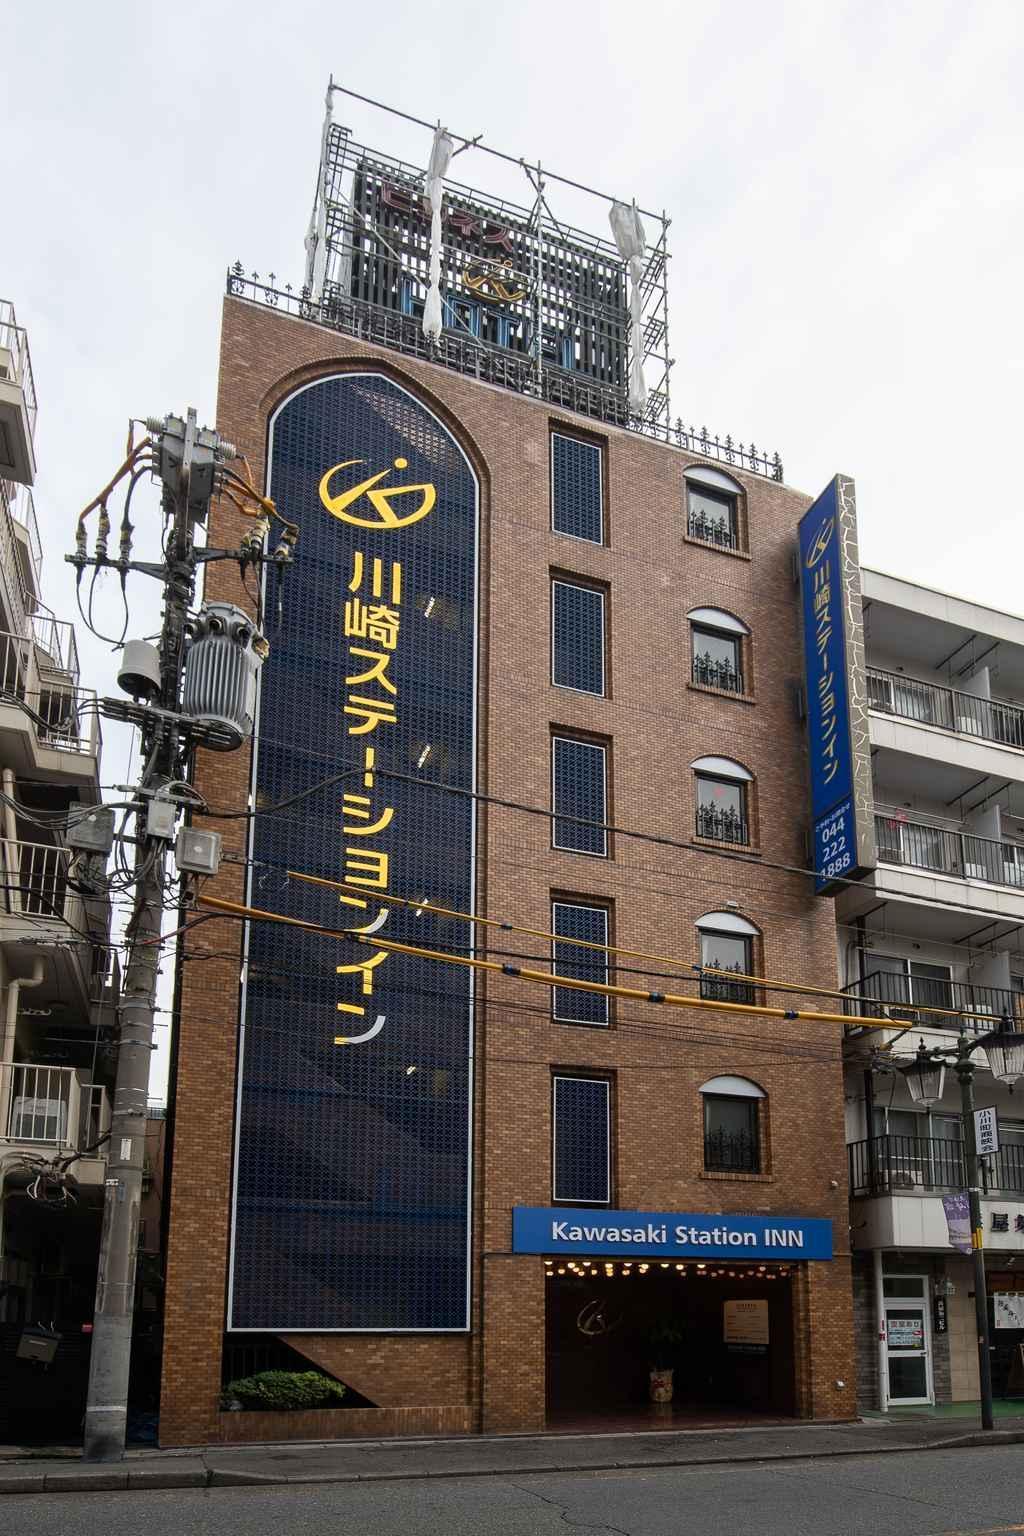 Kawasaki Station INN